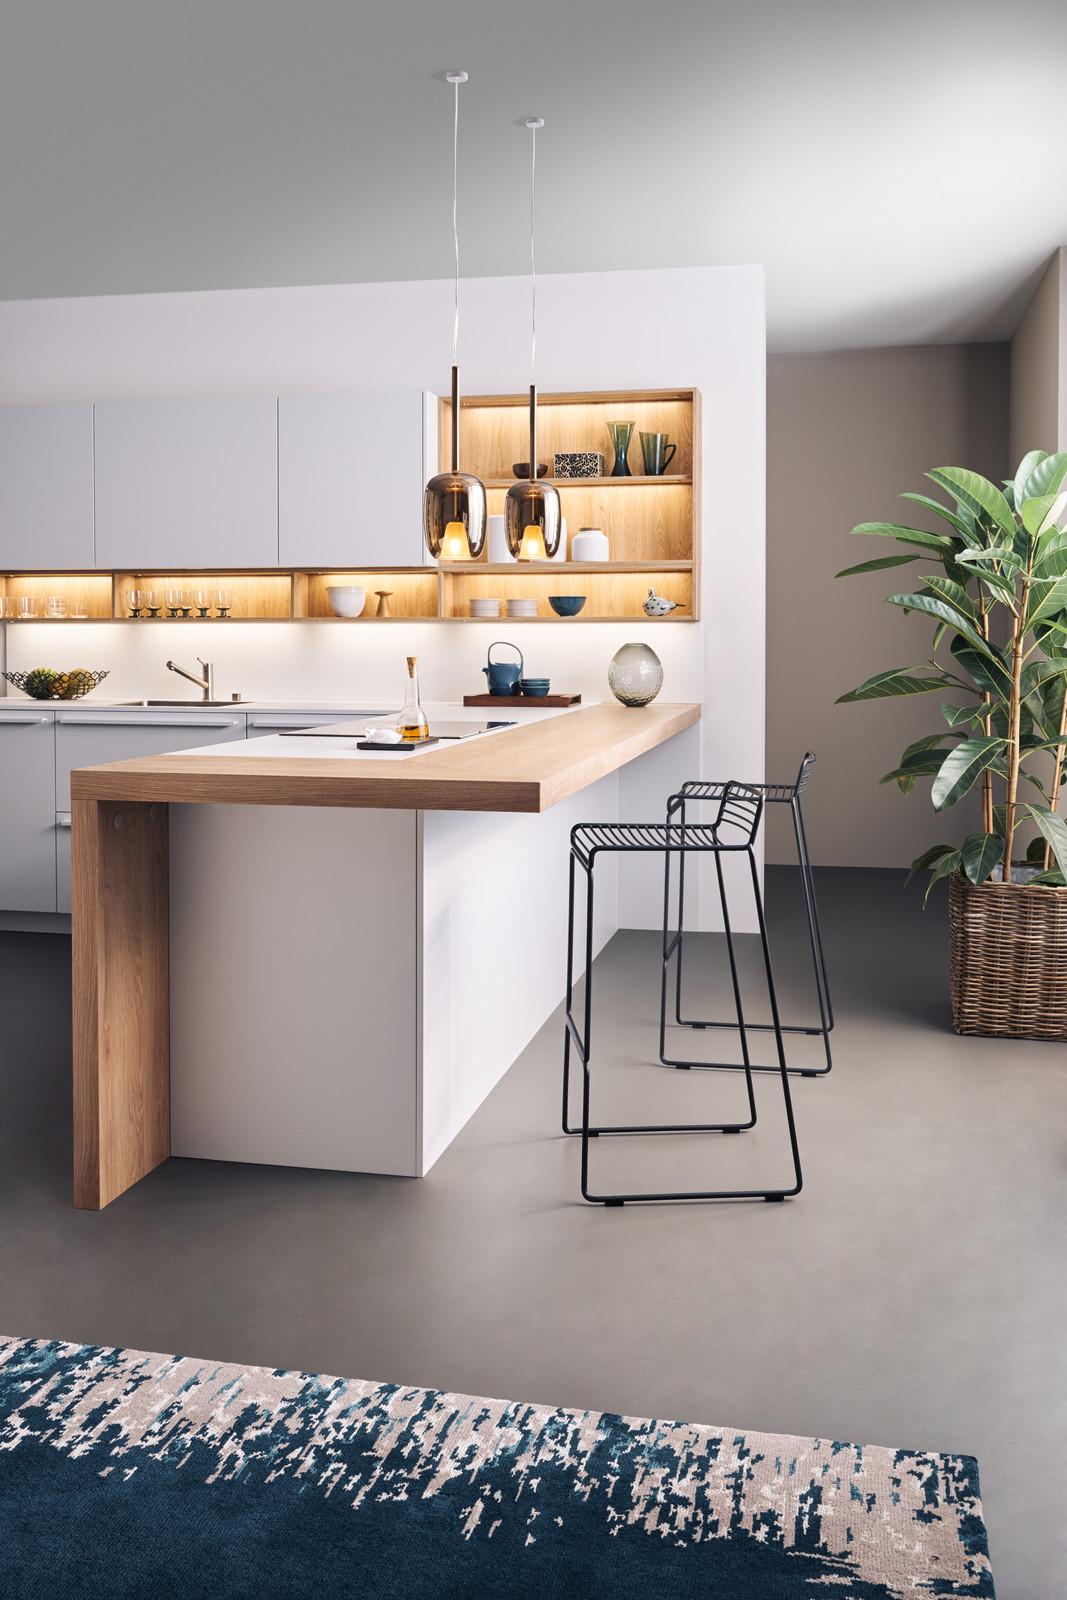 Leicht Kitchen: Leading Orange County, Modern European Kitchen